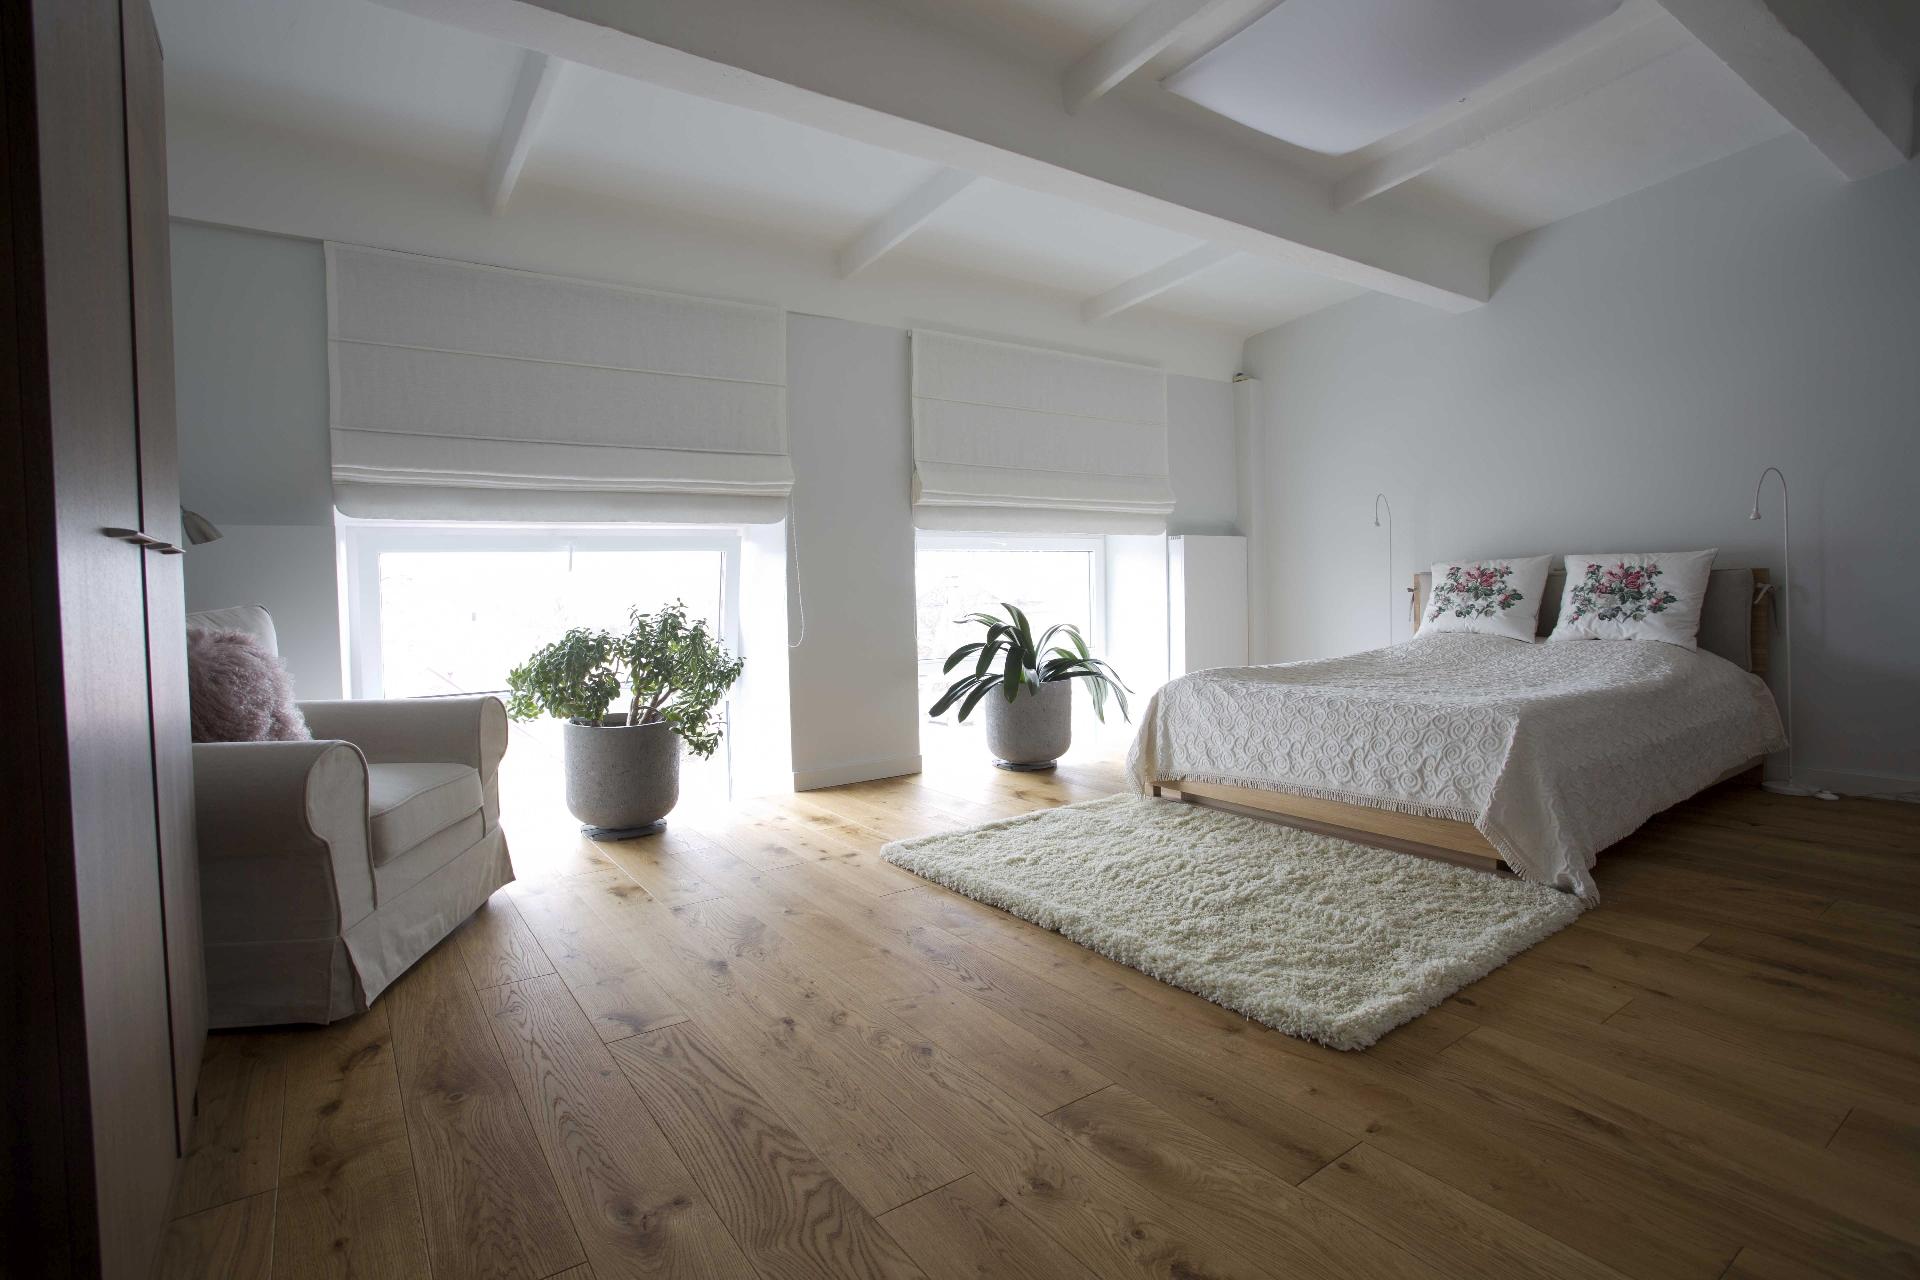 Loft. Oak floorboard, 3305 Colorless oil